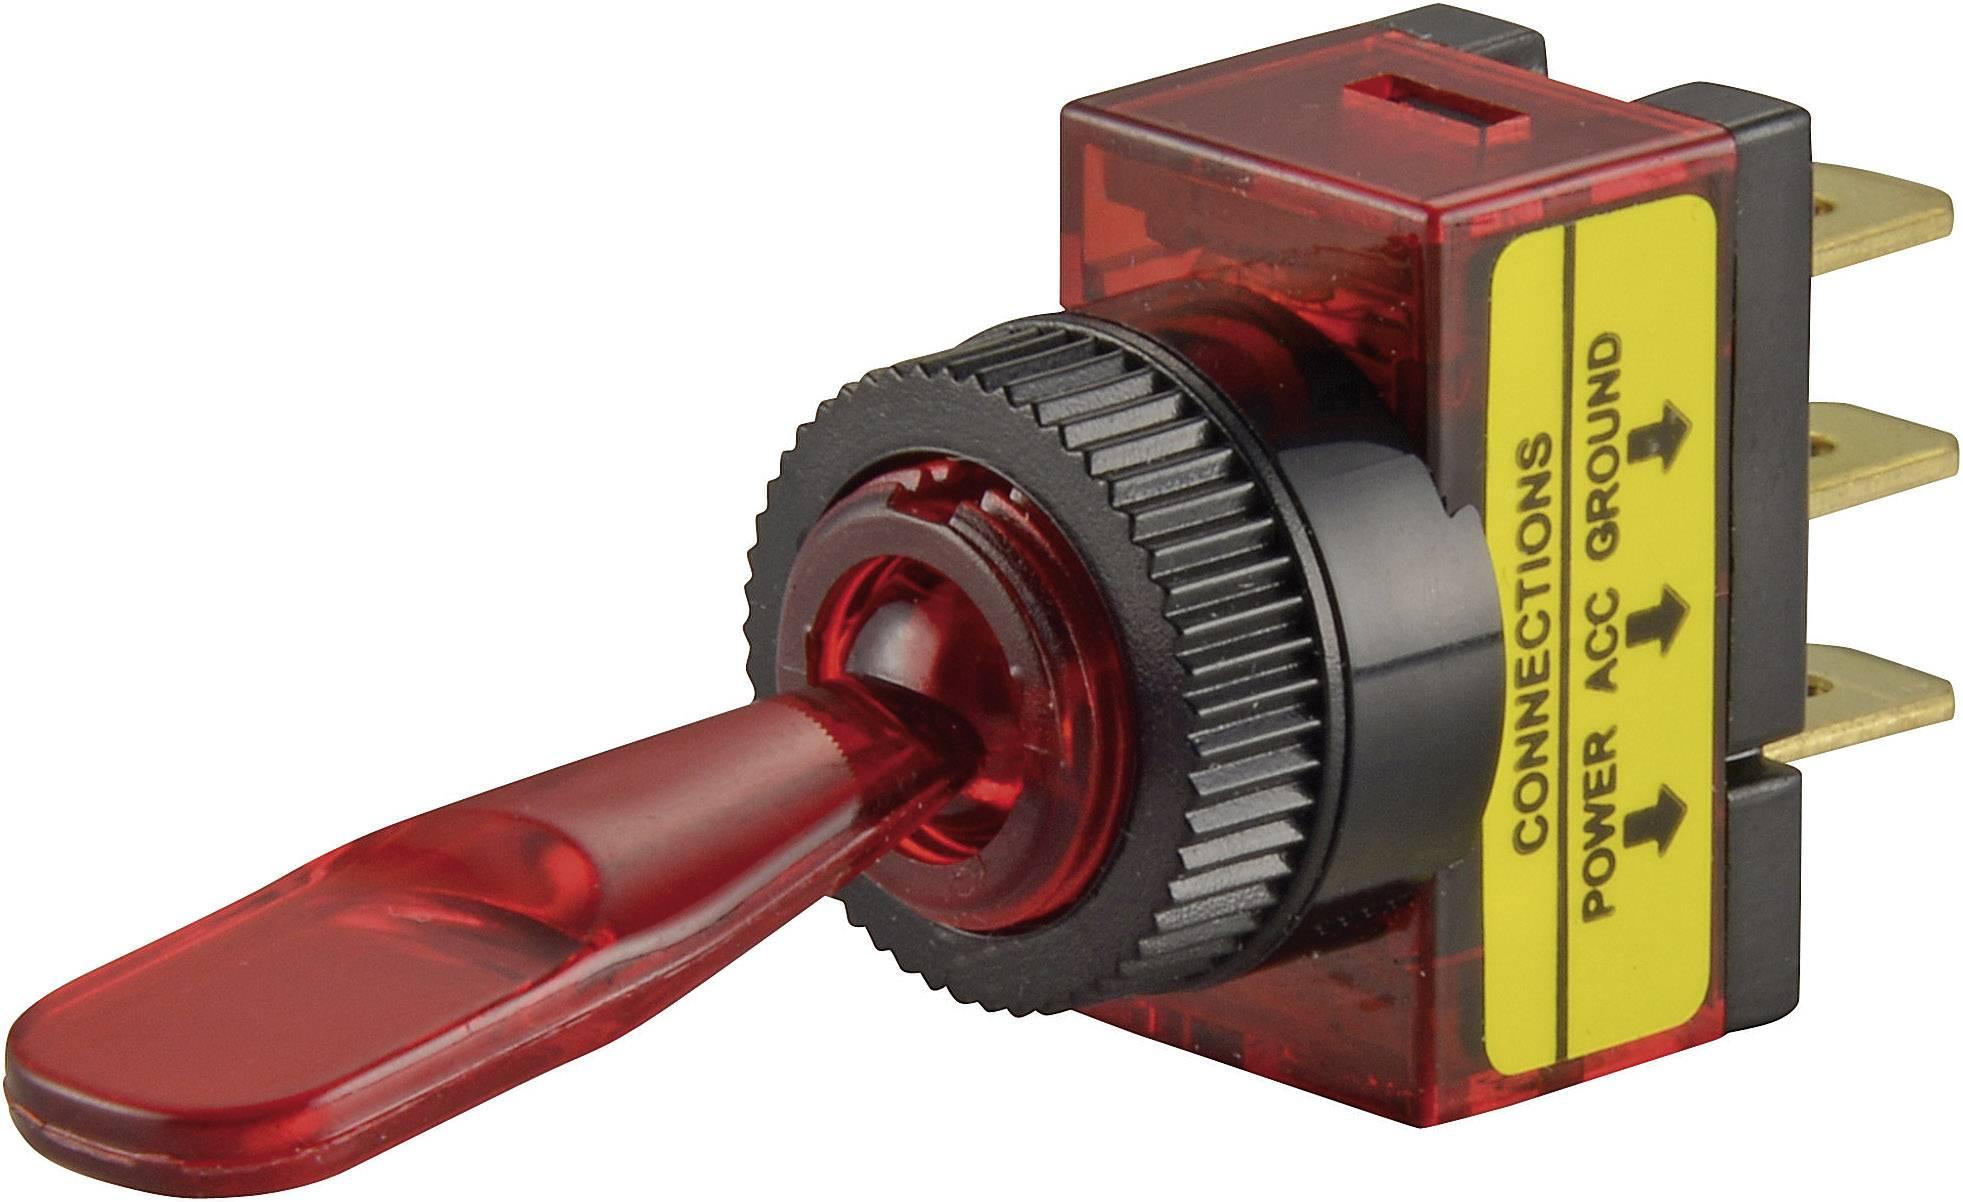 Páčkový přepínač do auta SCI R13-61B ILLUMINATED RED, 12 V/DC, 20 A, s aretací, 1 ks